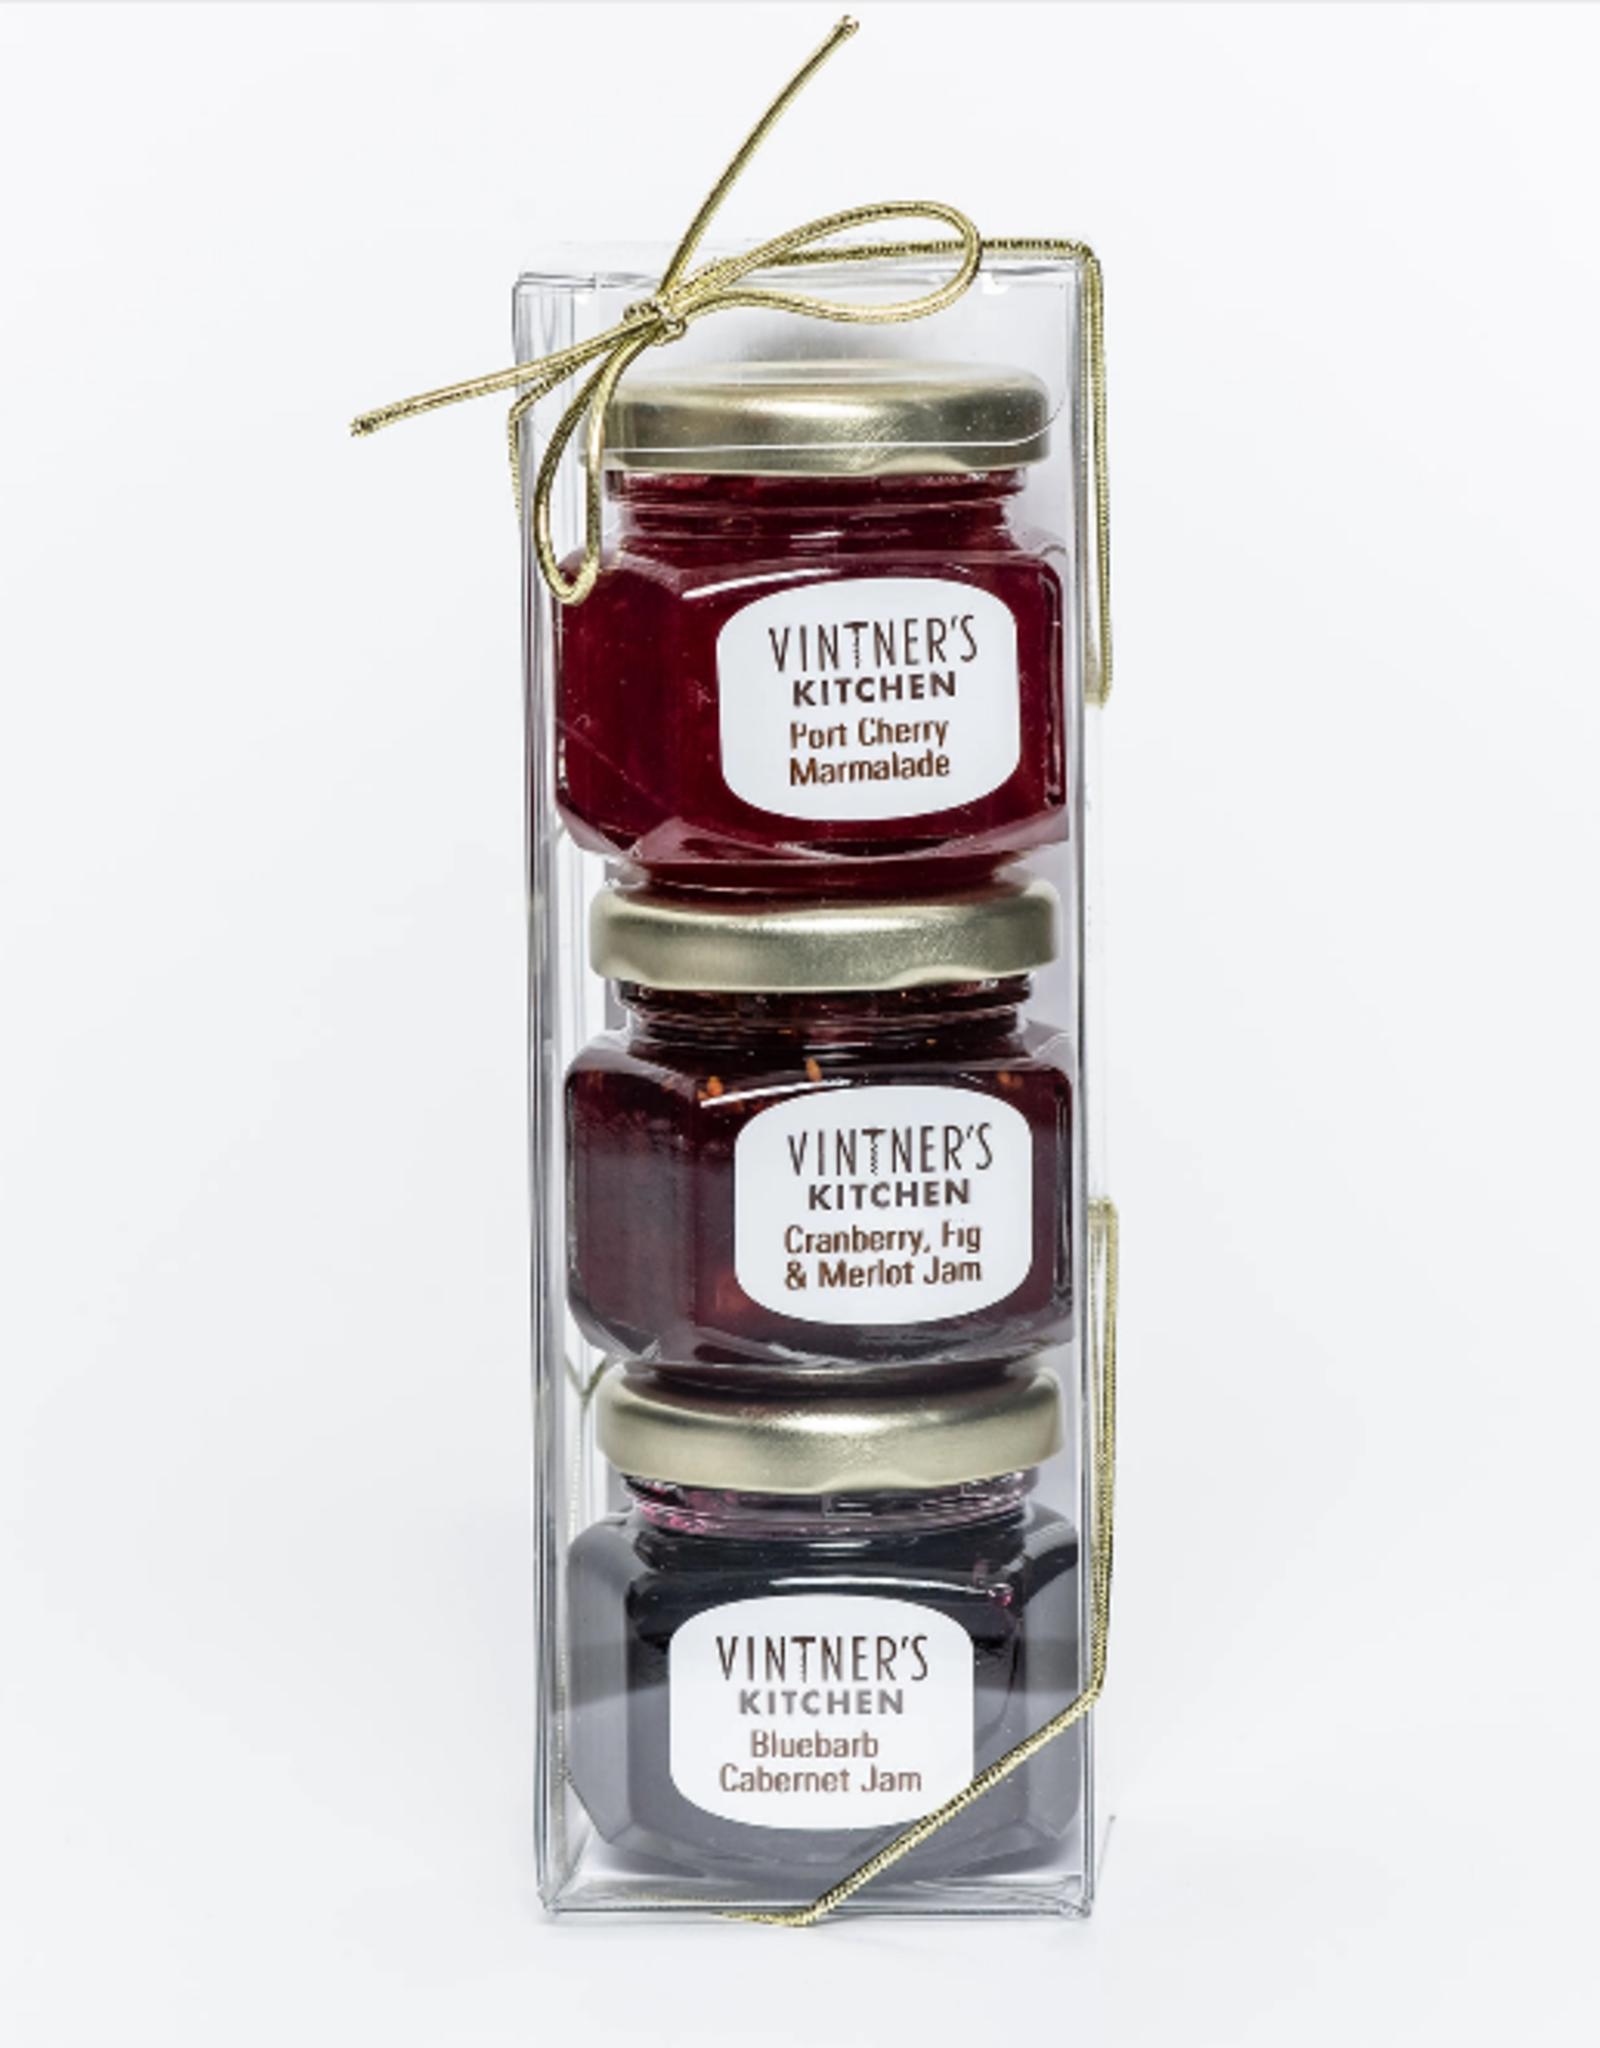 Vintner's Kitchen Country Kitchen Trio Jars